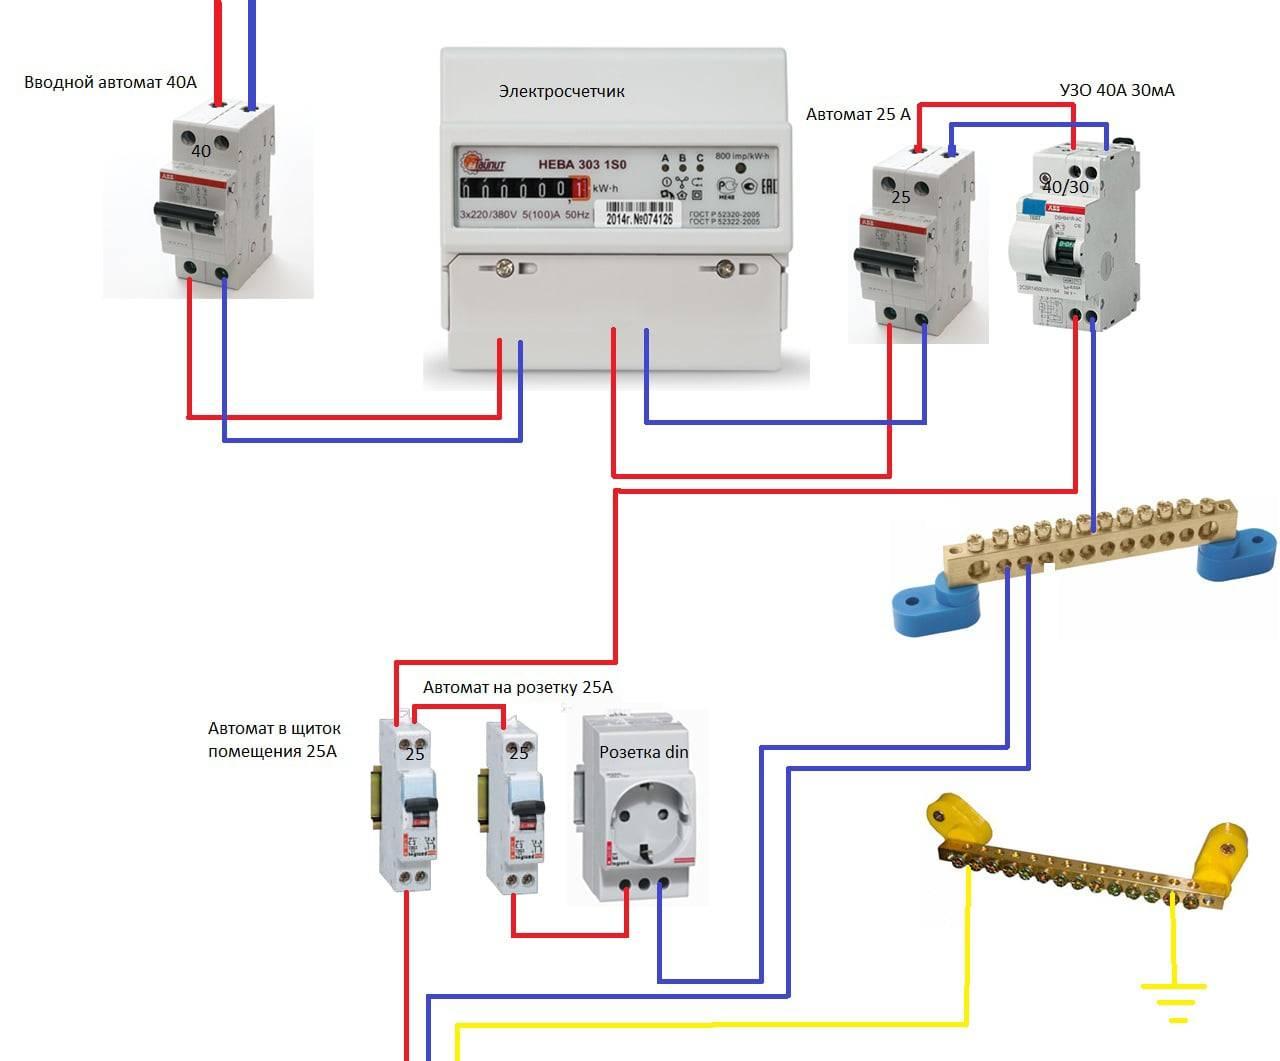 Как подключить узо и автоматы правильно - в частном доме и квартире, схема с заземлением и без